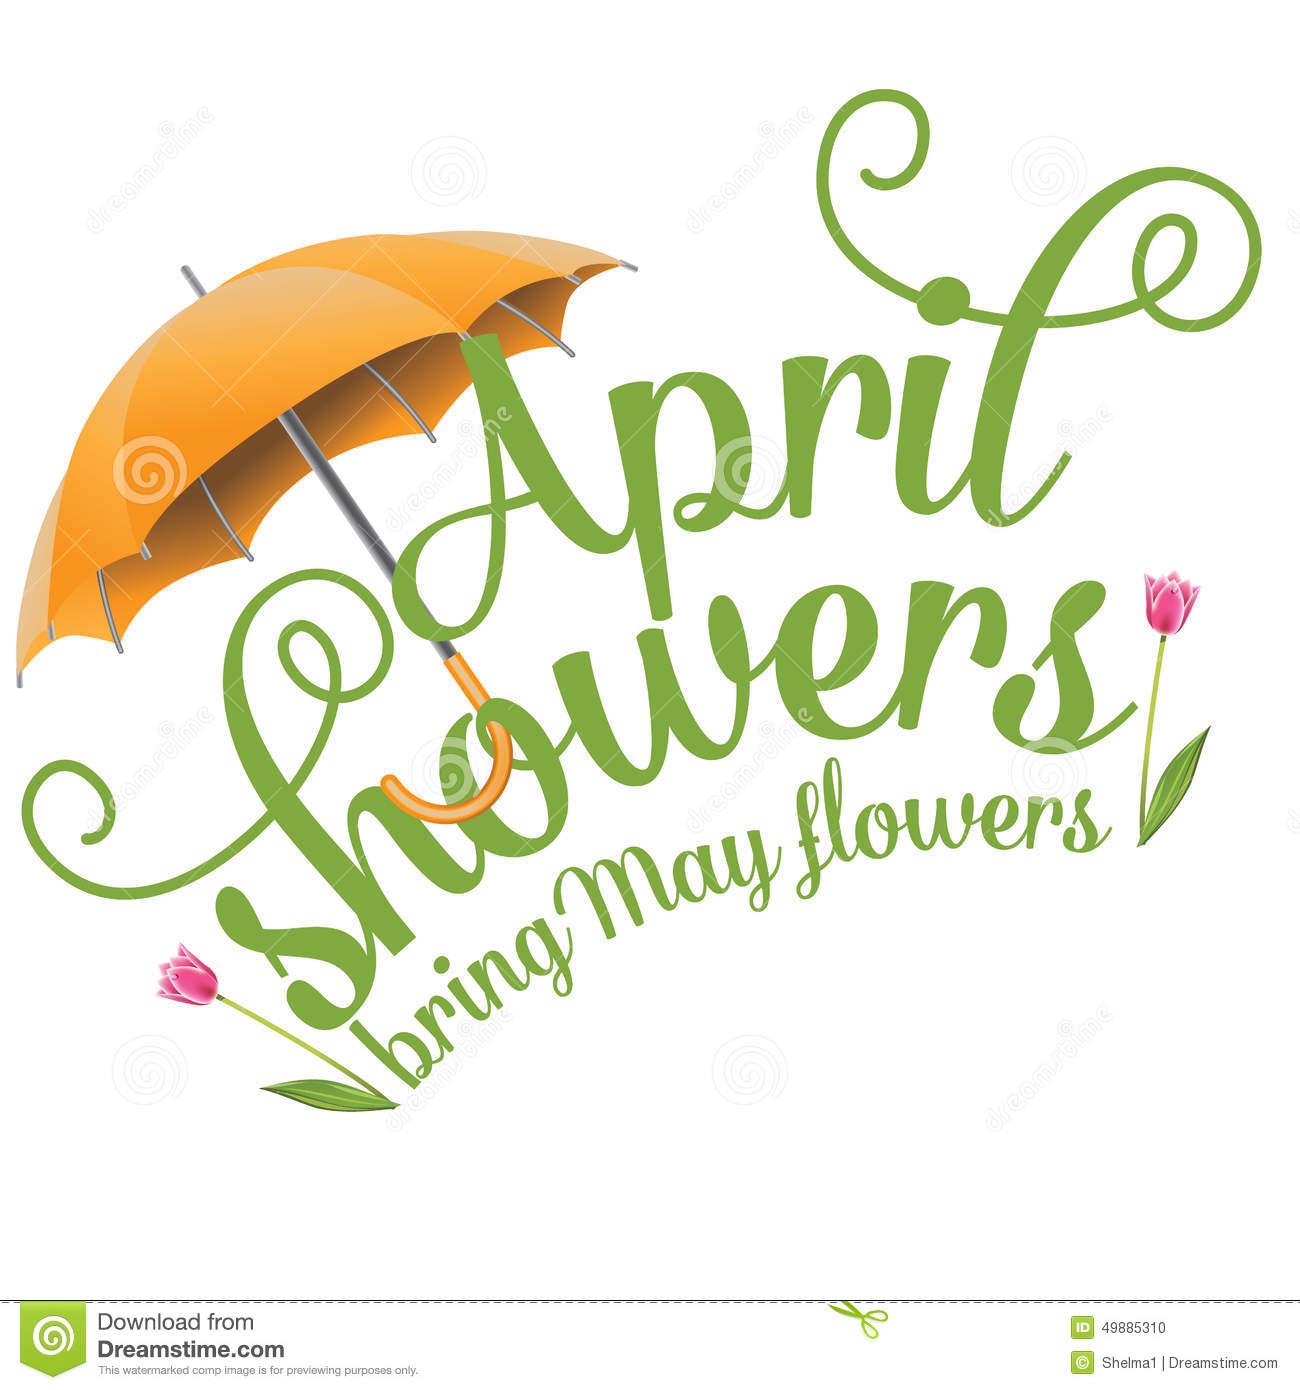 April flowers clips clip art freeuse April flowers clips - ClipartFest clip art freeuse